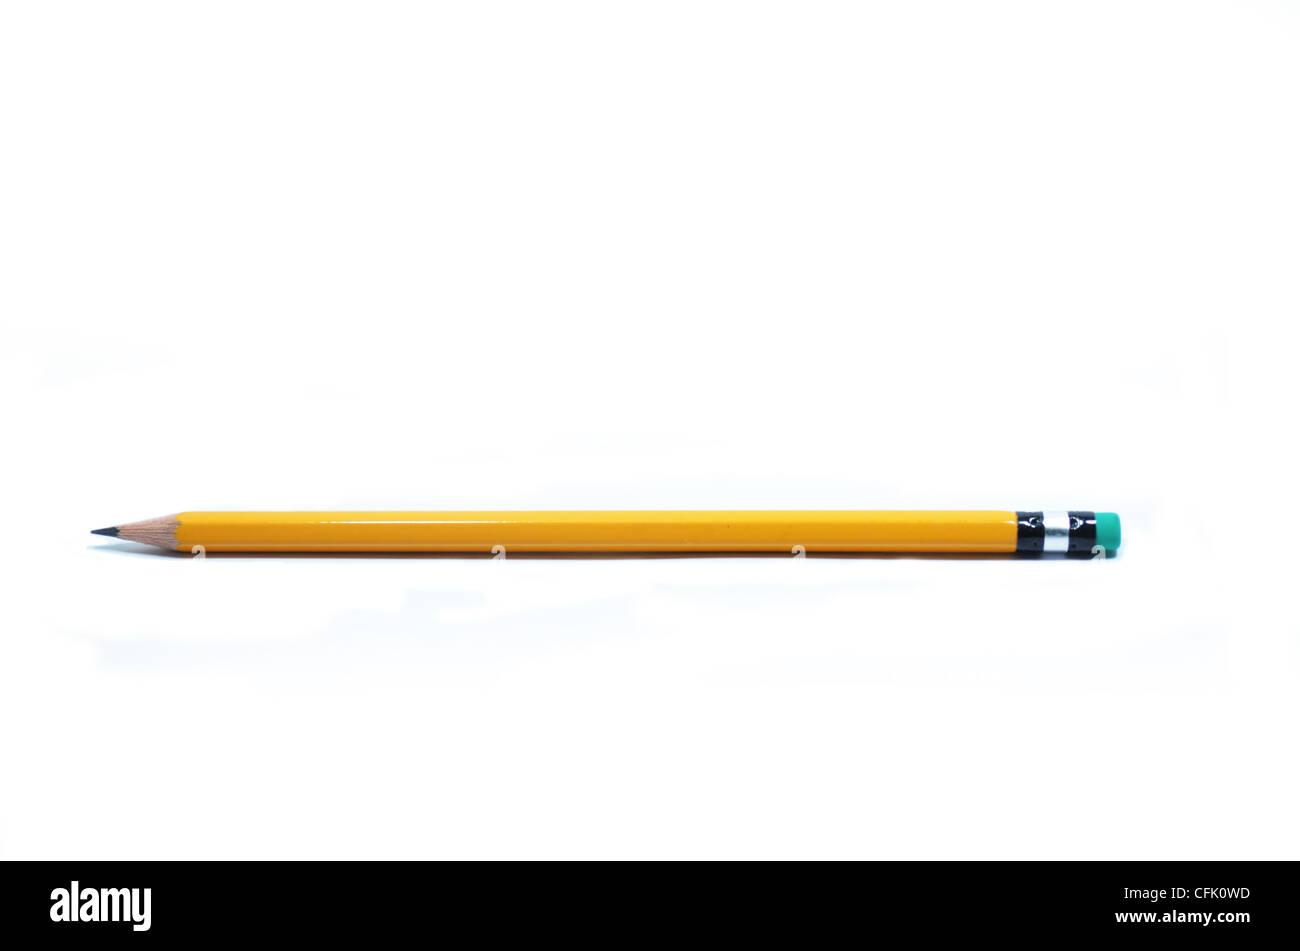 isolierte Bleistift über einen weißen Hintergrund mit grünen Radiergummi Stockbild